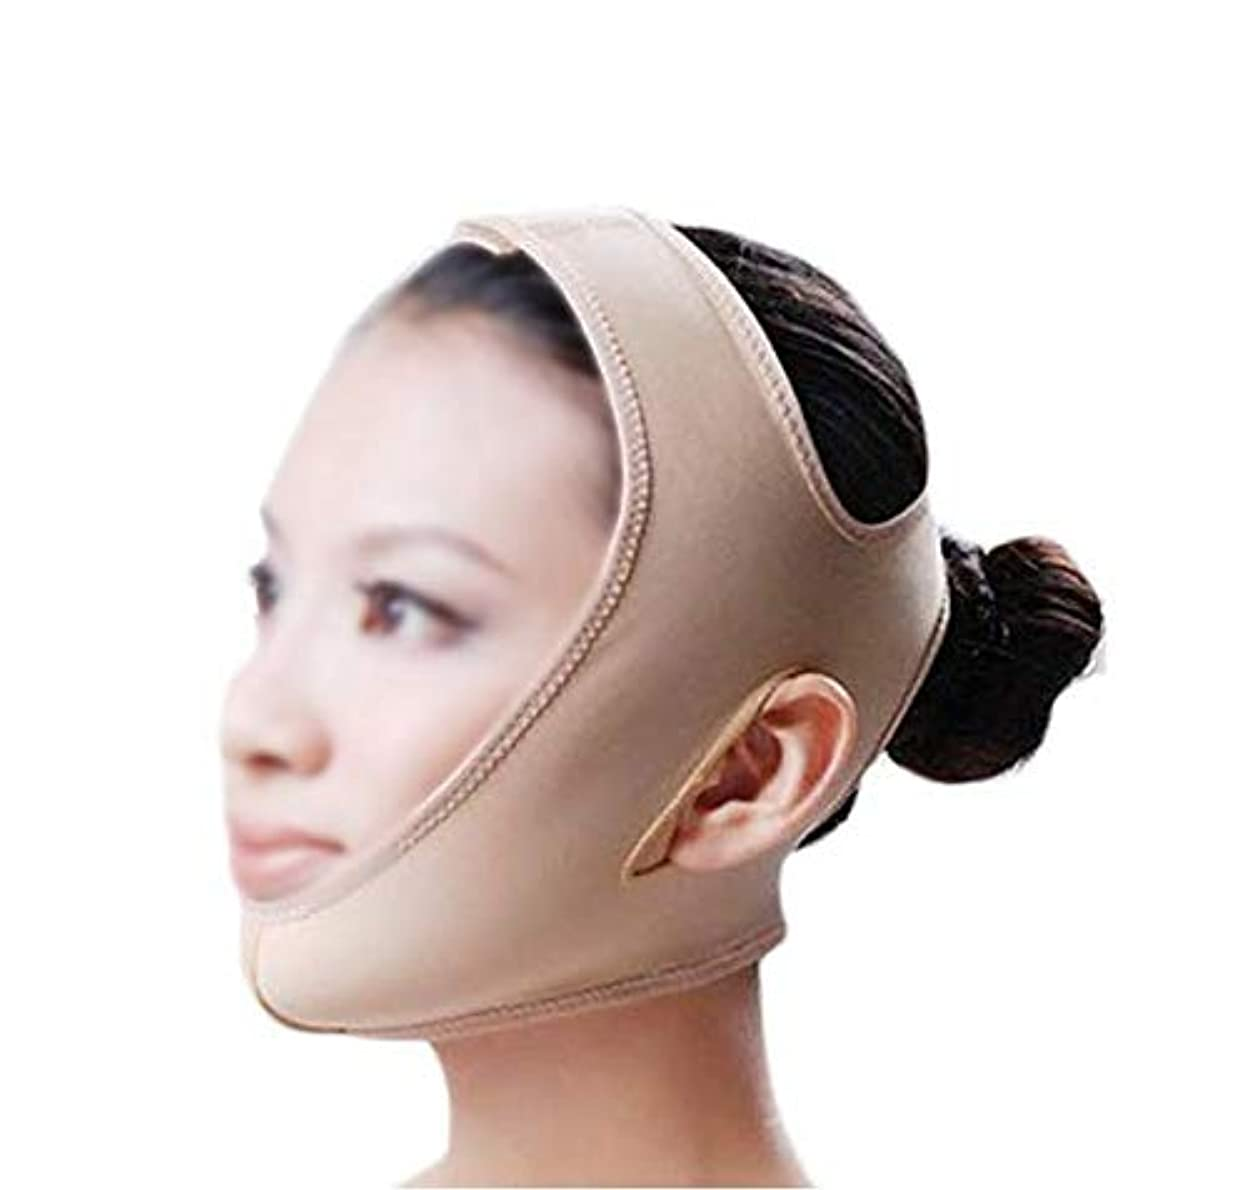 リンスシャンパン床GLJJQMY 引き締めマスクマスクフェイシャルマスク美容薬マスク美容V顔包帯ライン彫刻引き締めしっかりした二重あごマスク 顔用整形マスク (Size : M)